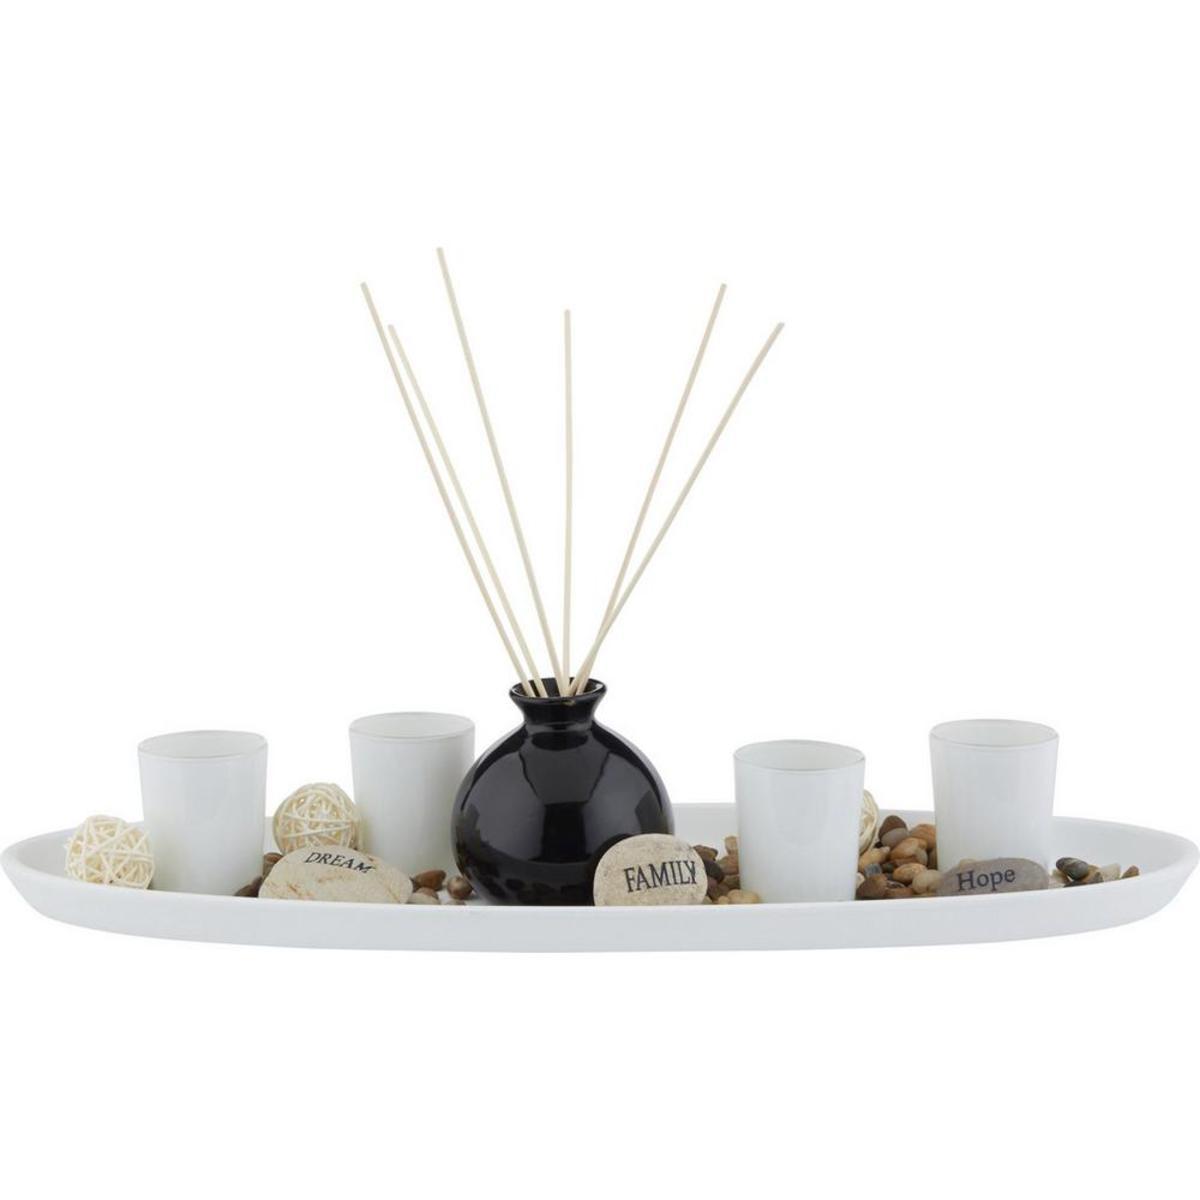 Bild 1 von Teelichtschale Evelin in Natur/Schwarz/Weiß